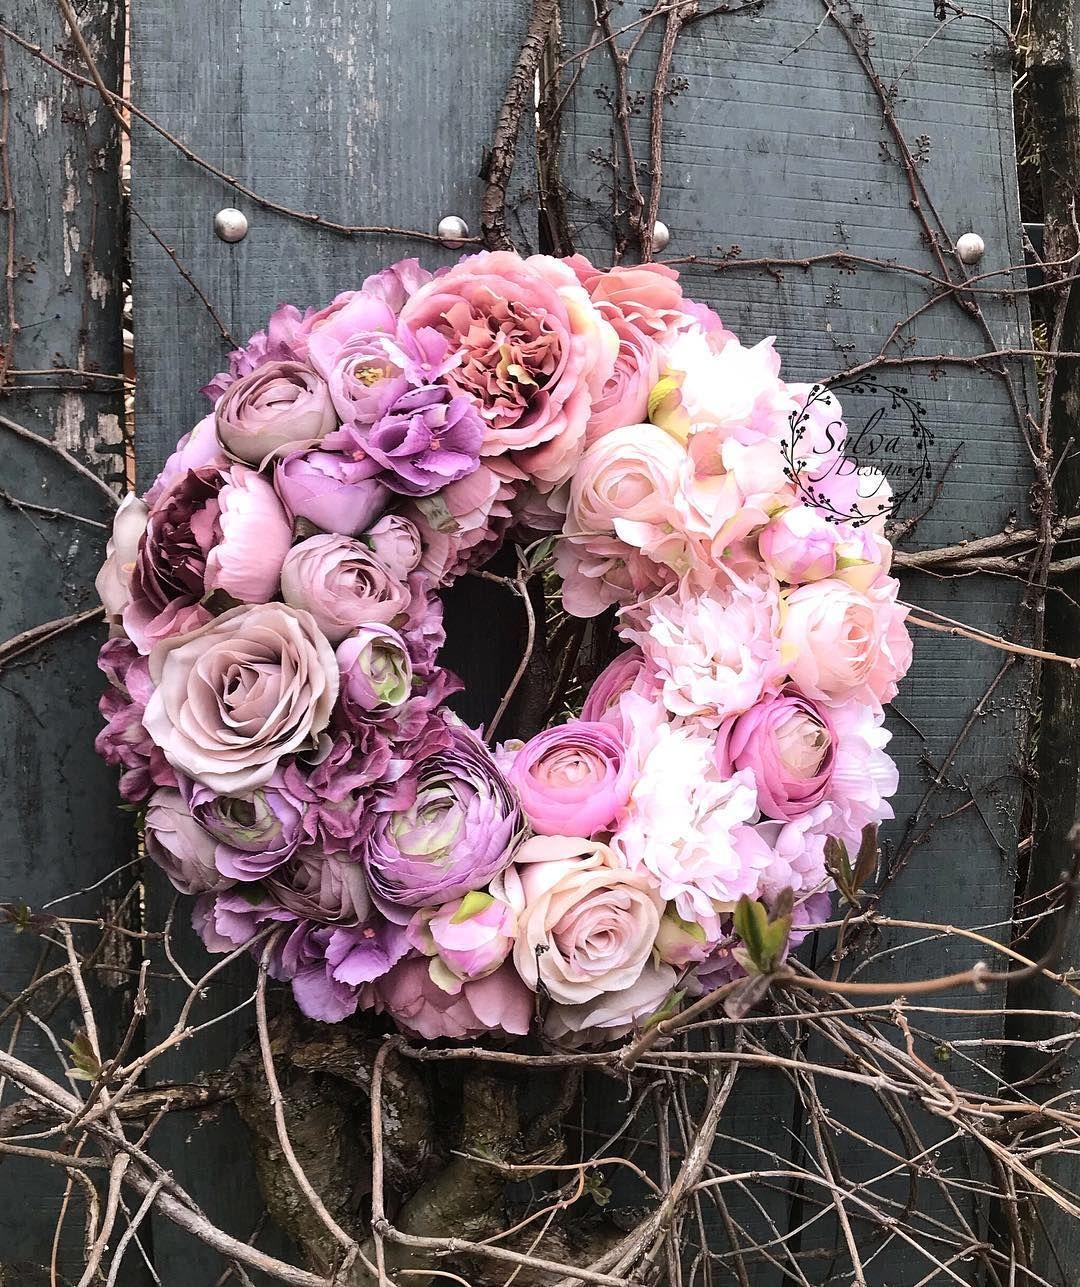 """Photo of Sylva Design on Instagram: """"Tőlem, nektek, csak úgy ???! . . #sylvadesign #mywork #mystyle #lovemyjob #flowers #wreath #fauxflowers #mutimitcsinalsz #szeretned…"""""""